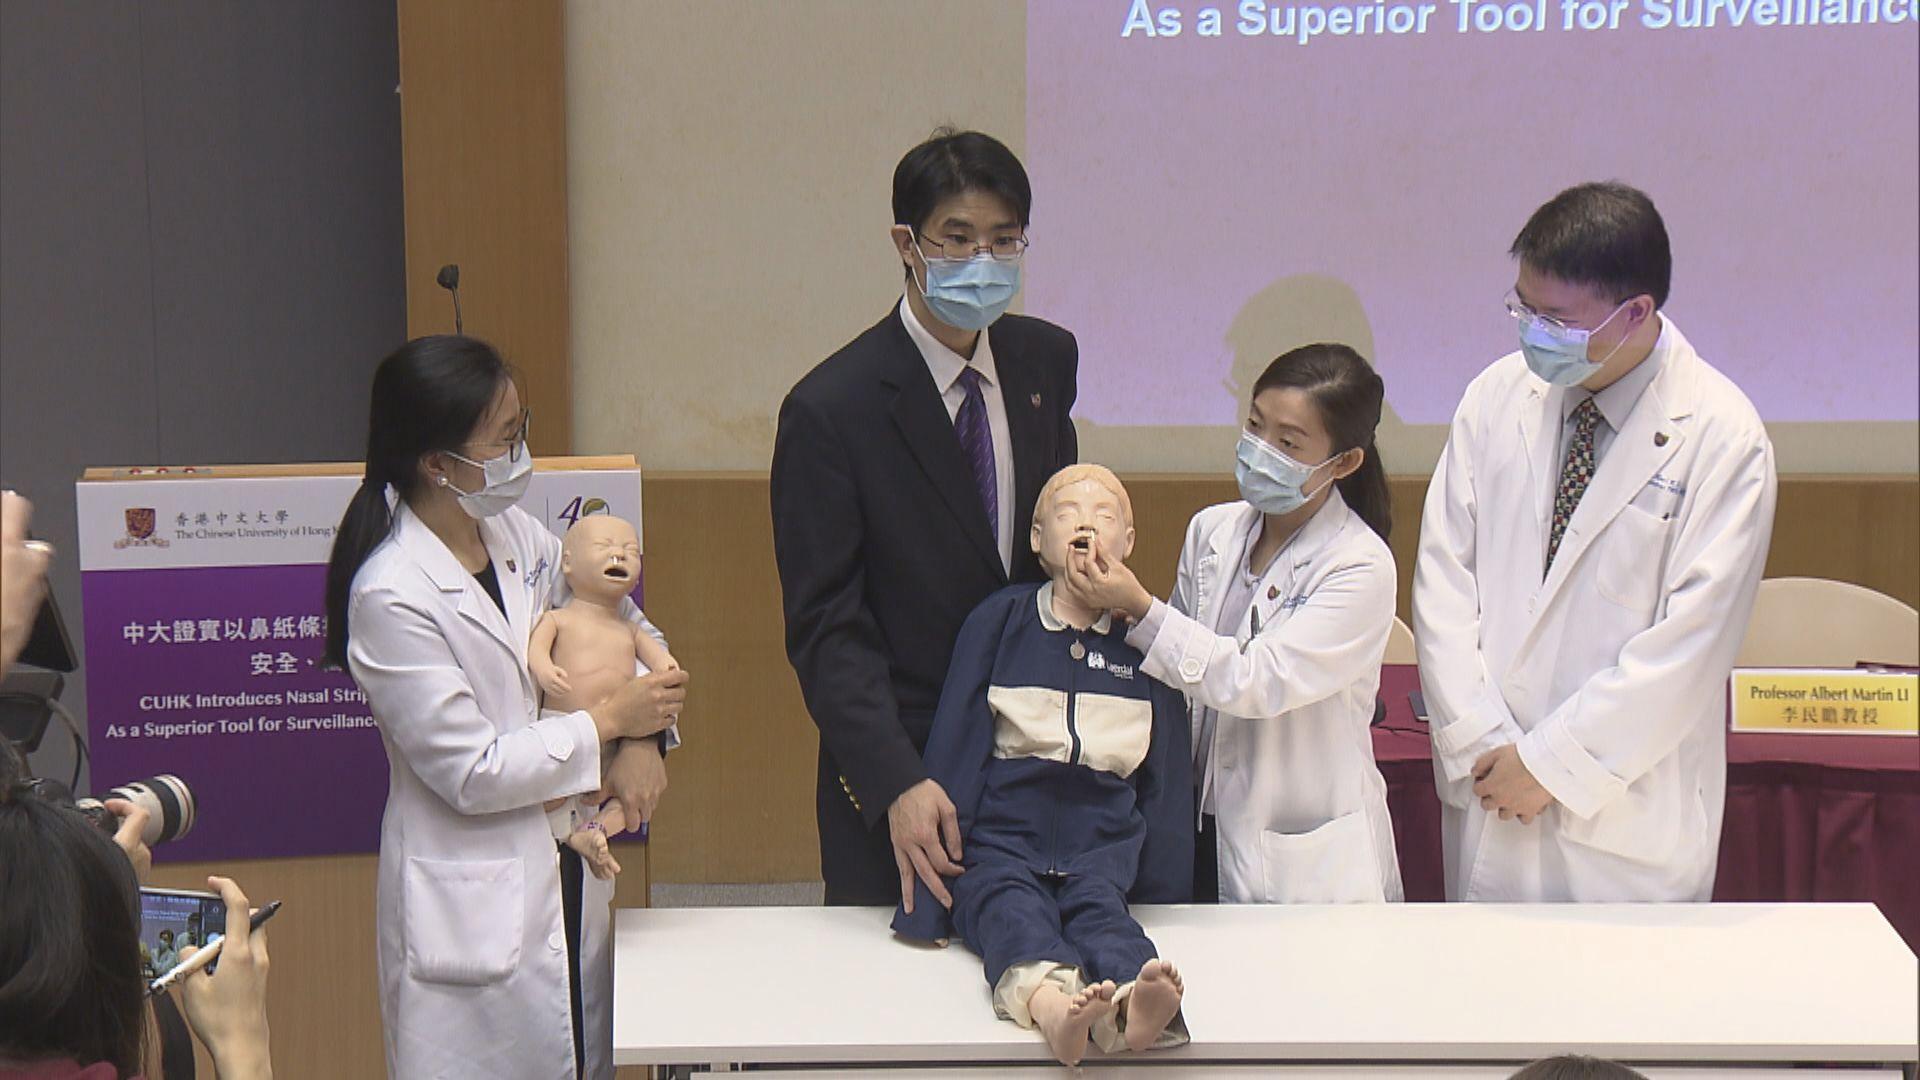 中大研究:兒童適合以鼻紙條採樣 準確度較深喉唾液高